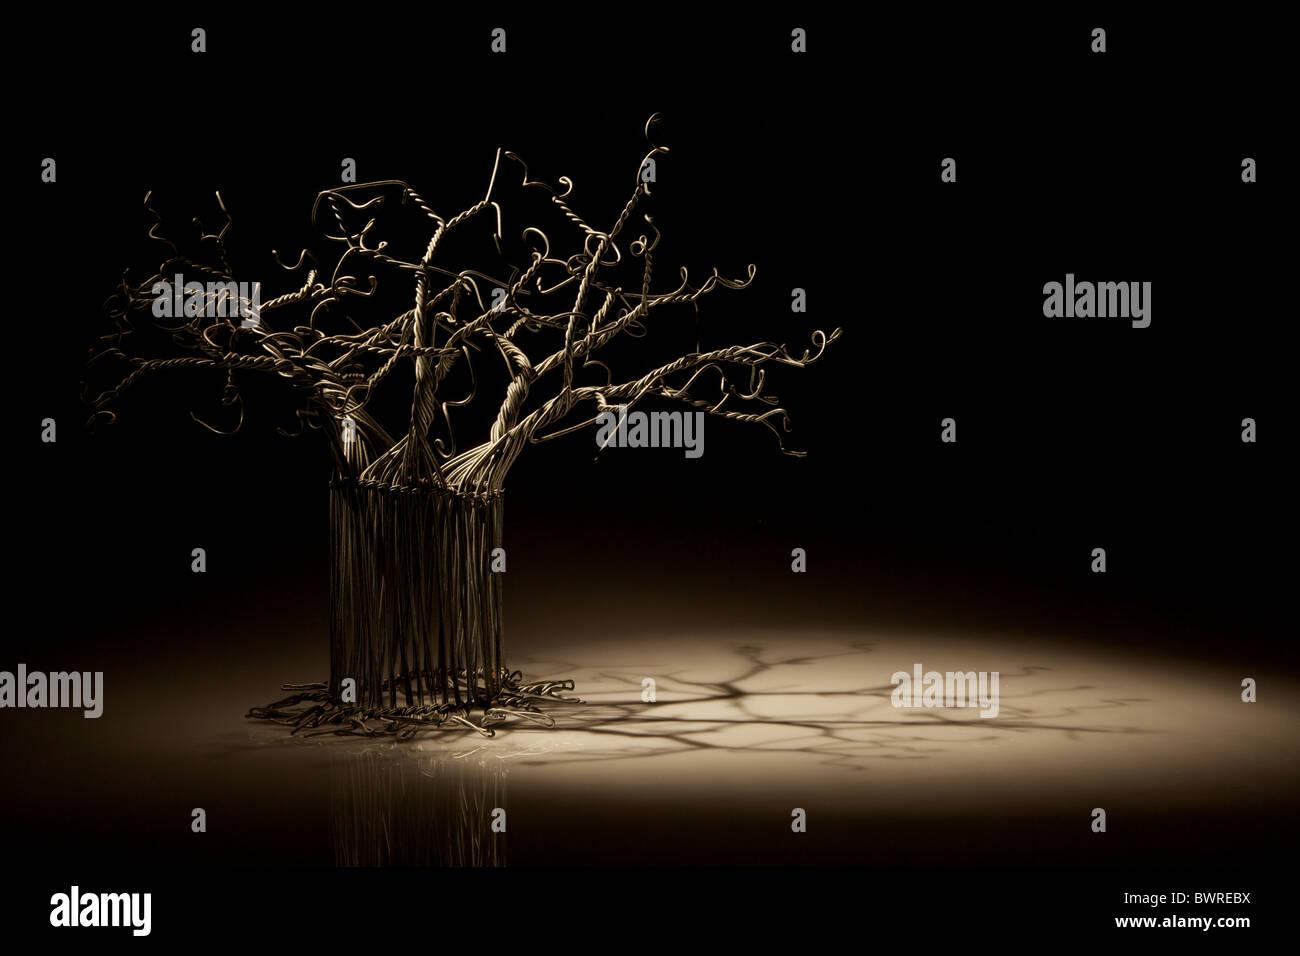 Baobab Tree At Night Photos Baobab Tree At Night Images